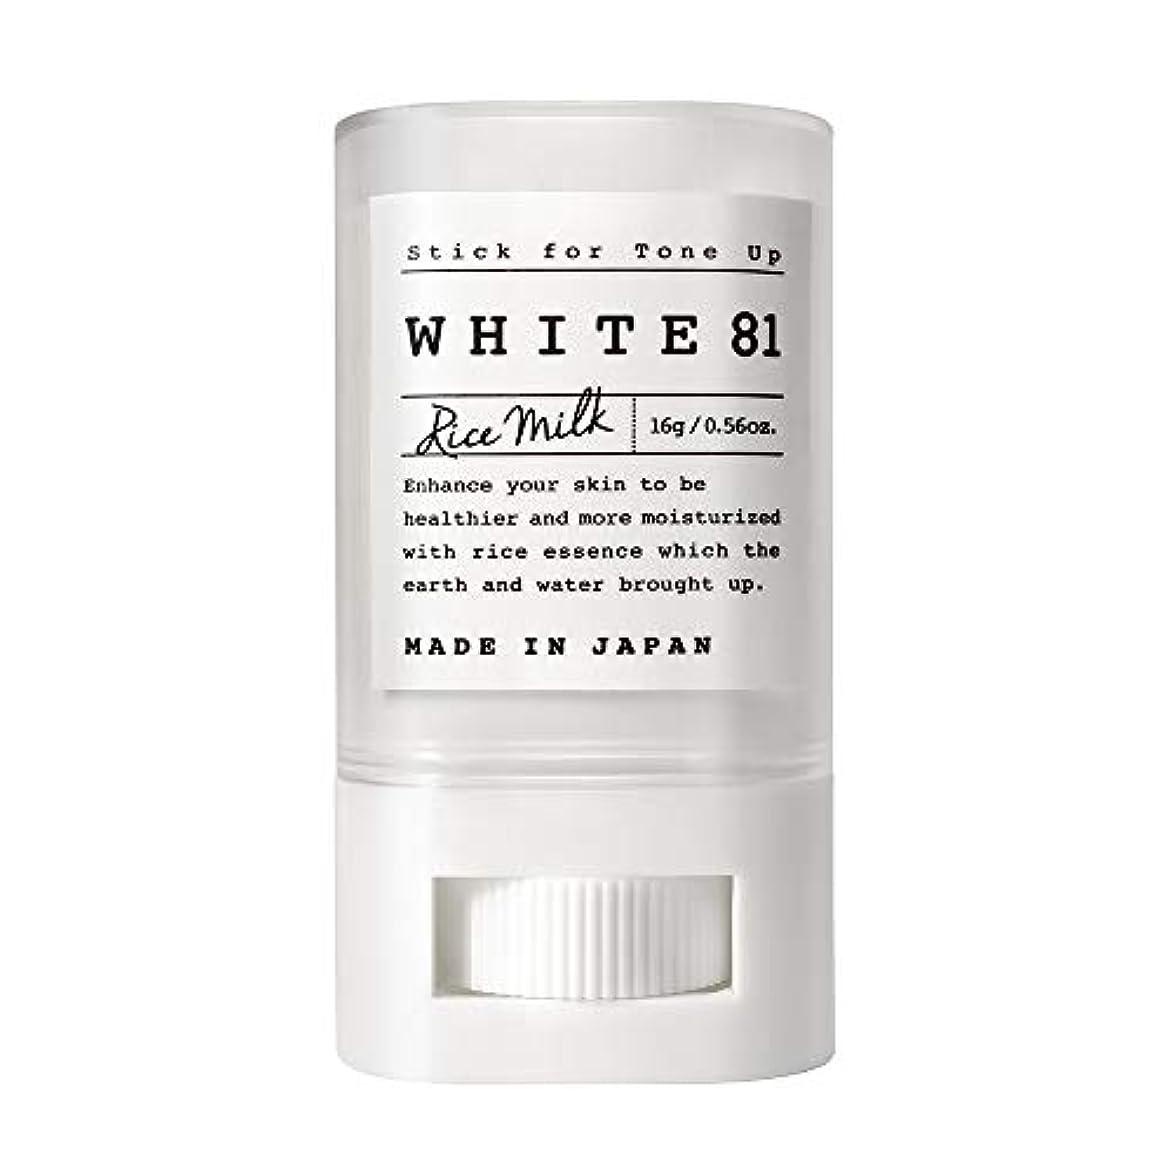 小間スチュワード挑発するWHITE81 ホワイト81 トーンアップスティック(化粧下地?日焼け止め / SPF35?PA+++?ウォータープルーフ?複合保湿成分配合?肌に優しい6種のフリー / 日本製)